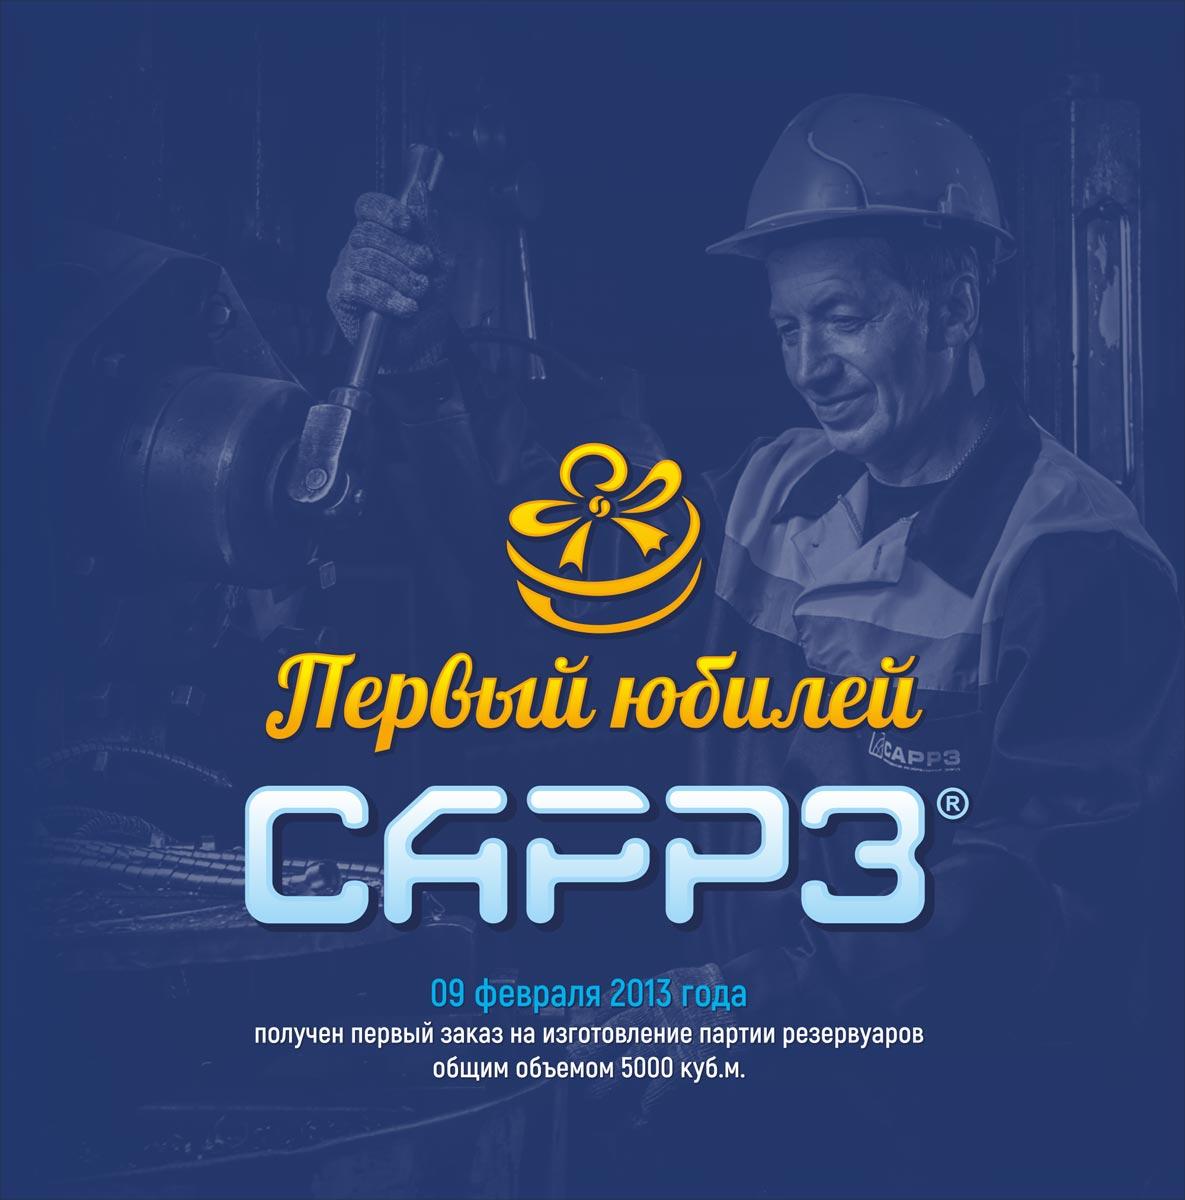 Поздравления с юбилеем металлургическому заводу фото 53